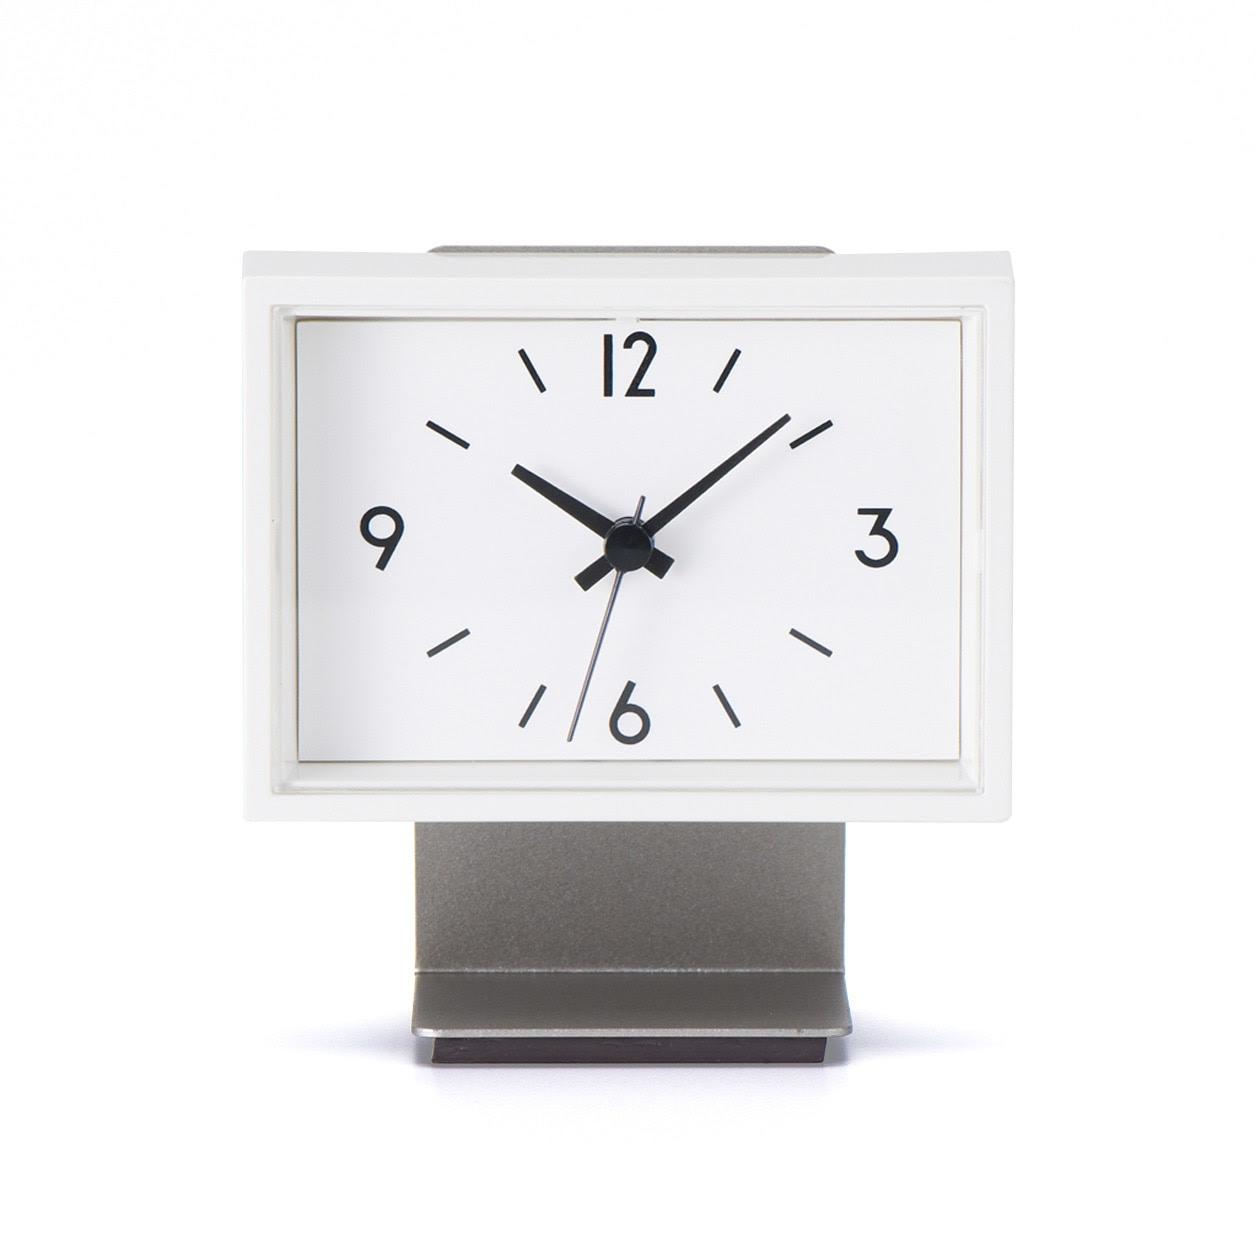 駅の時計・ミニ(スタンド付)